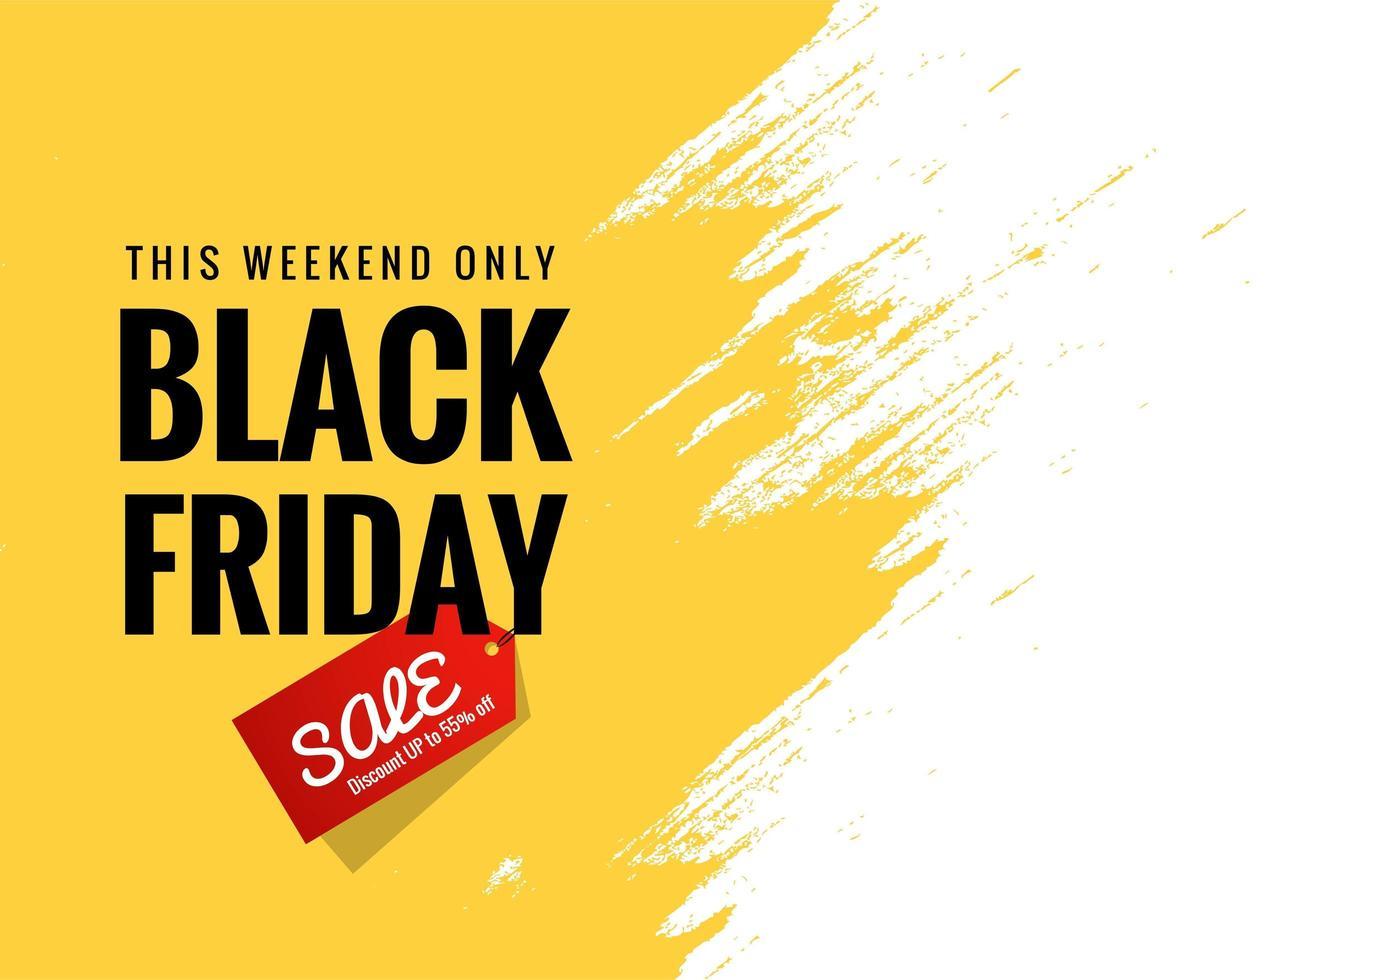 schwarzer Freitag Ankündigung Verkauf Banner Hintergrund vektor